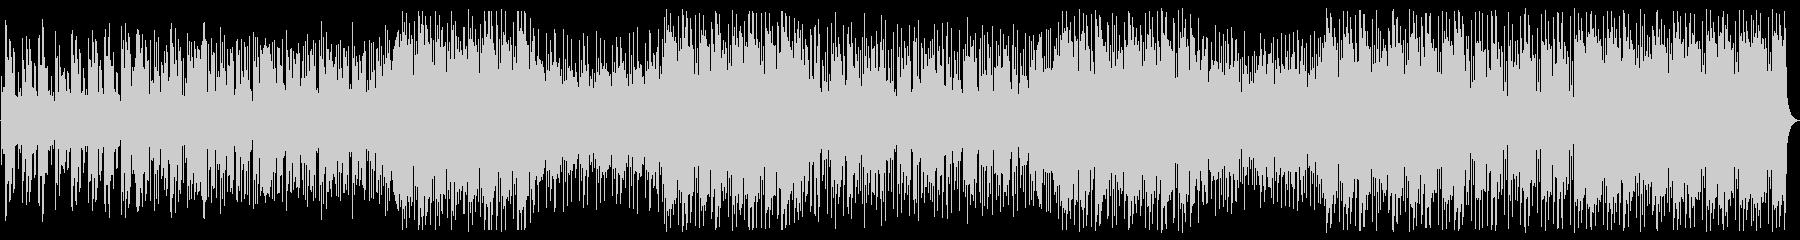 オリジナルのメロディをフィーチャー...の未再生の波形